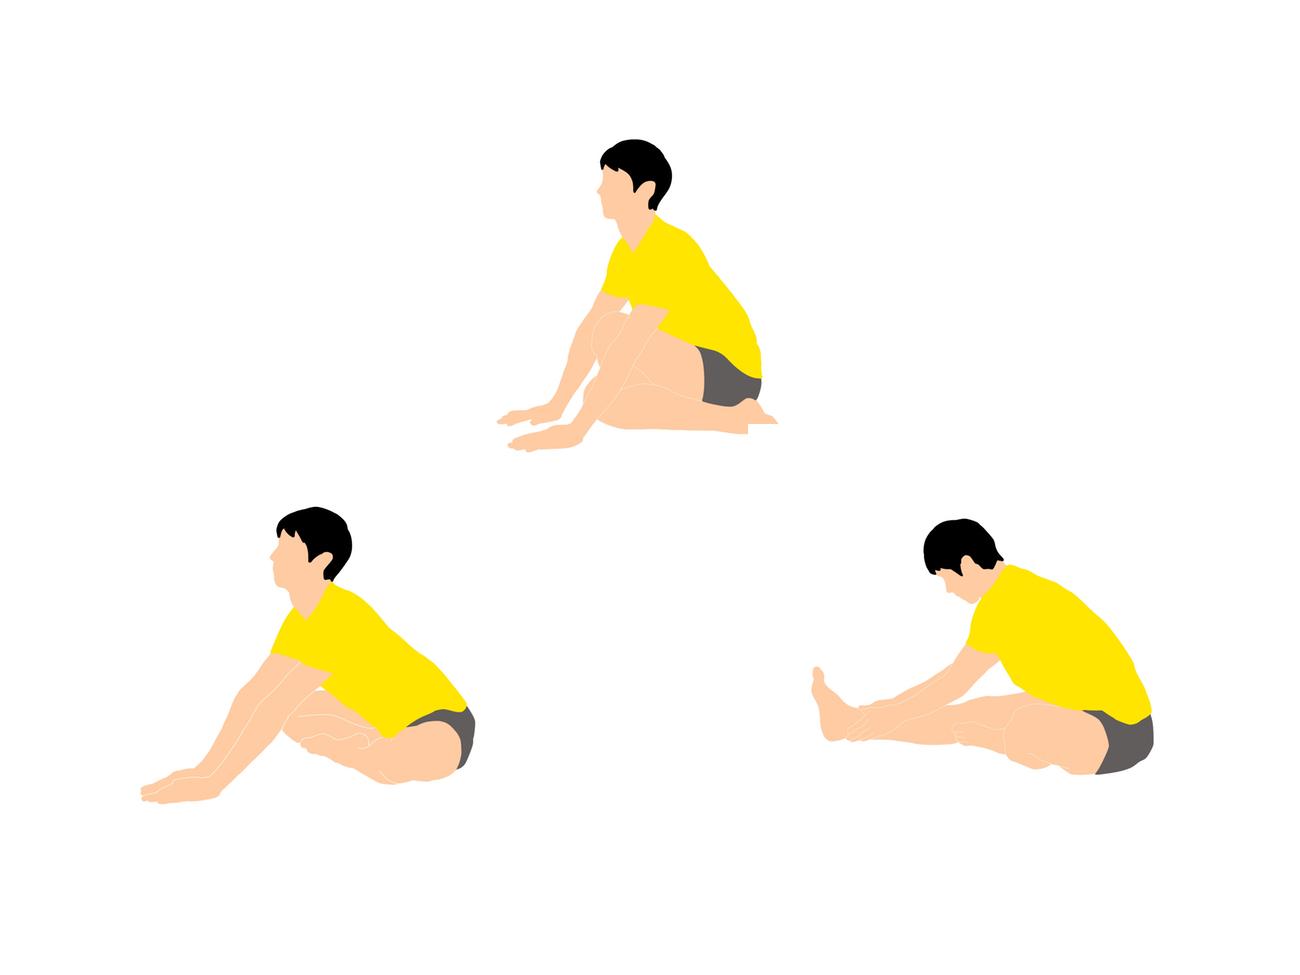 前屈を柔らかくするためのストレッチプログラム